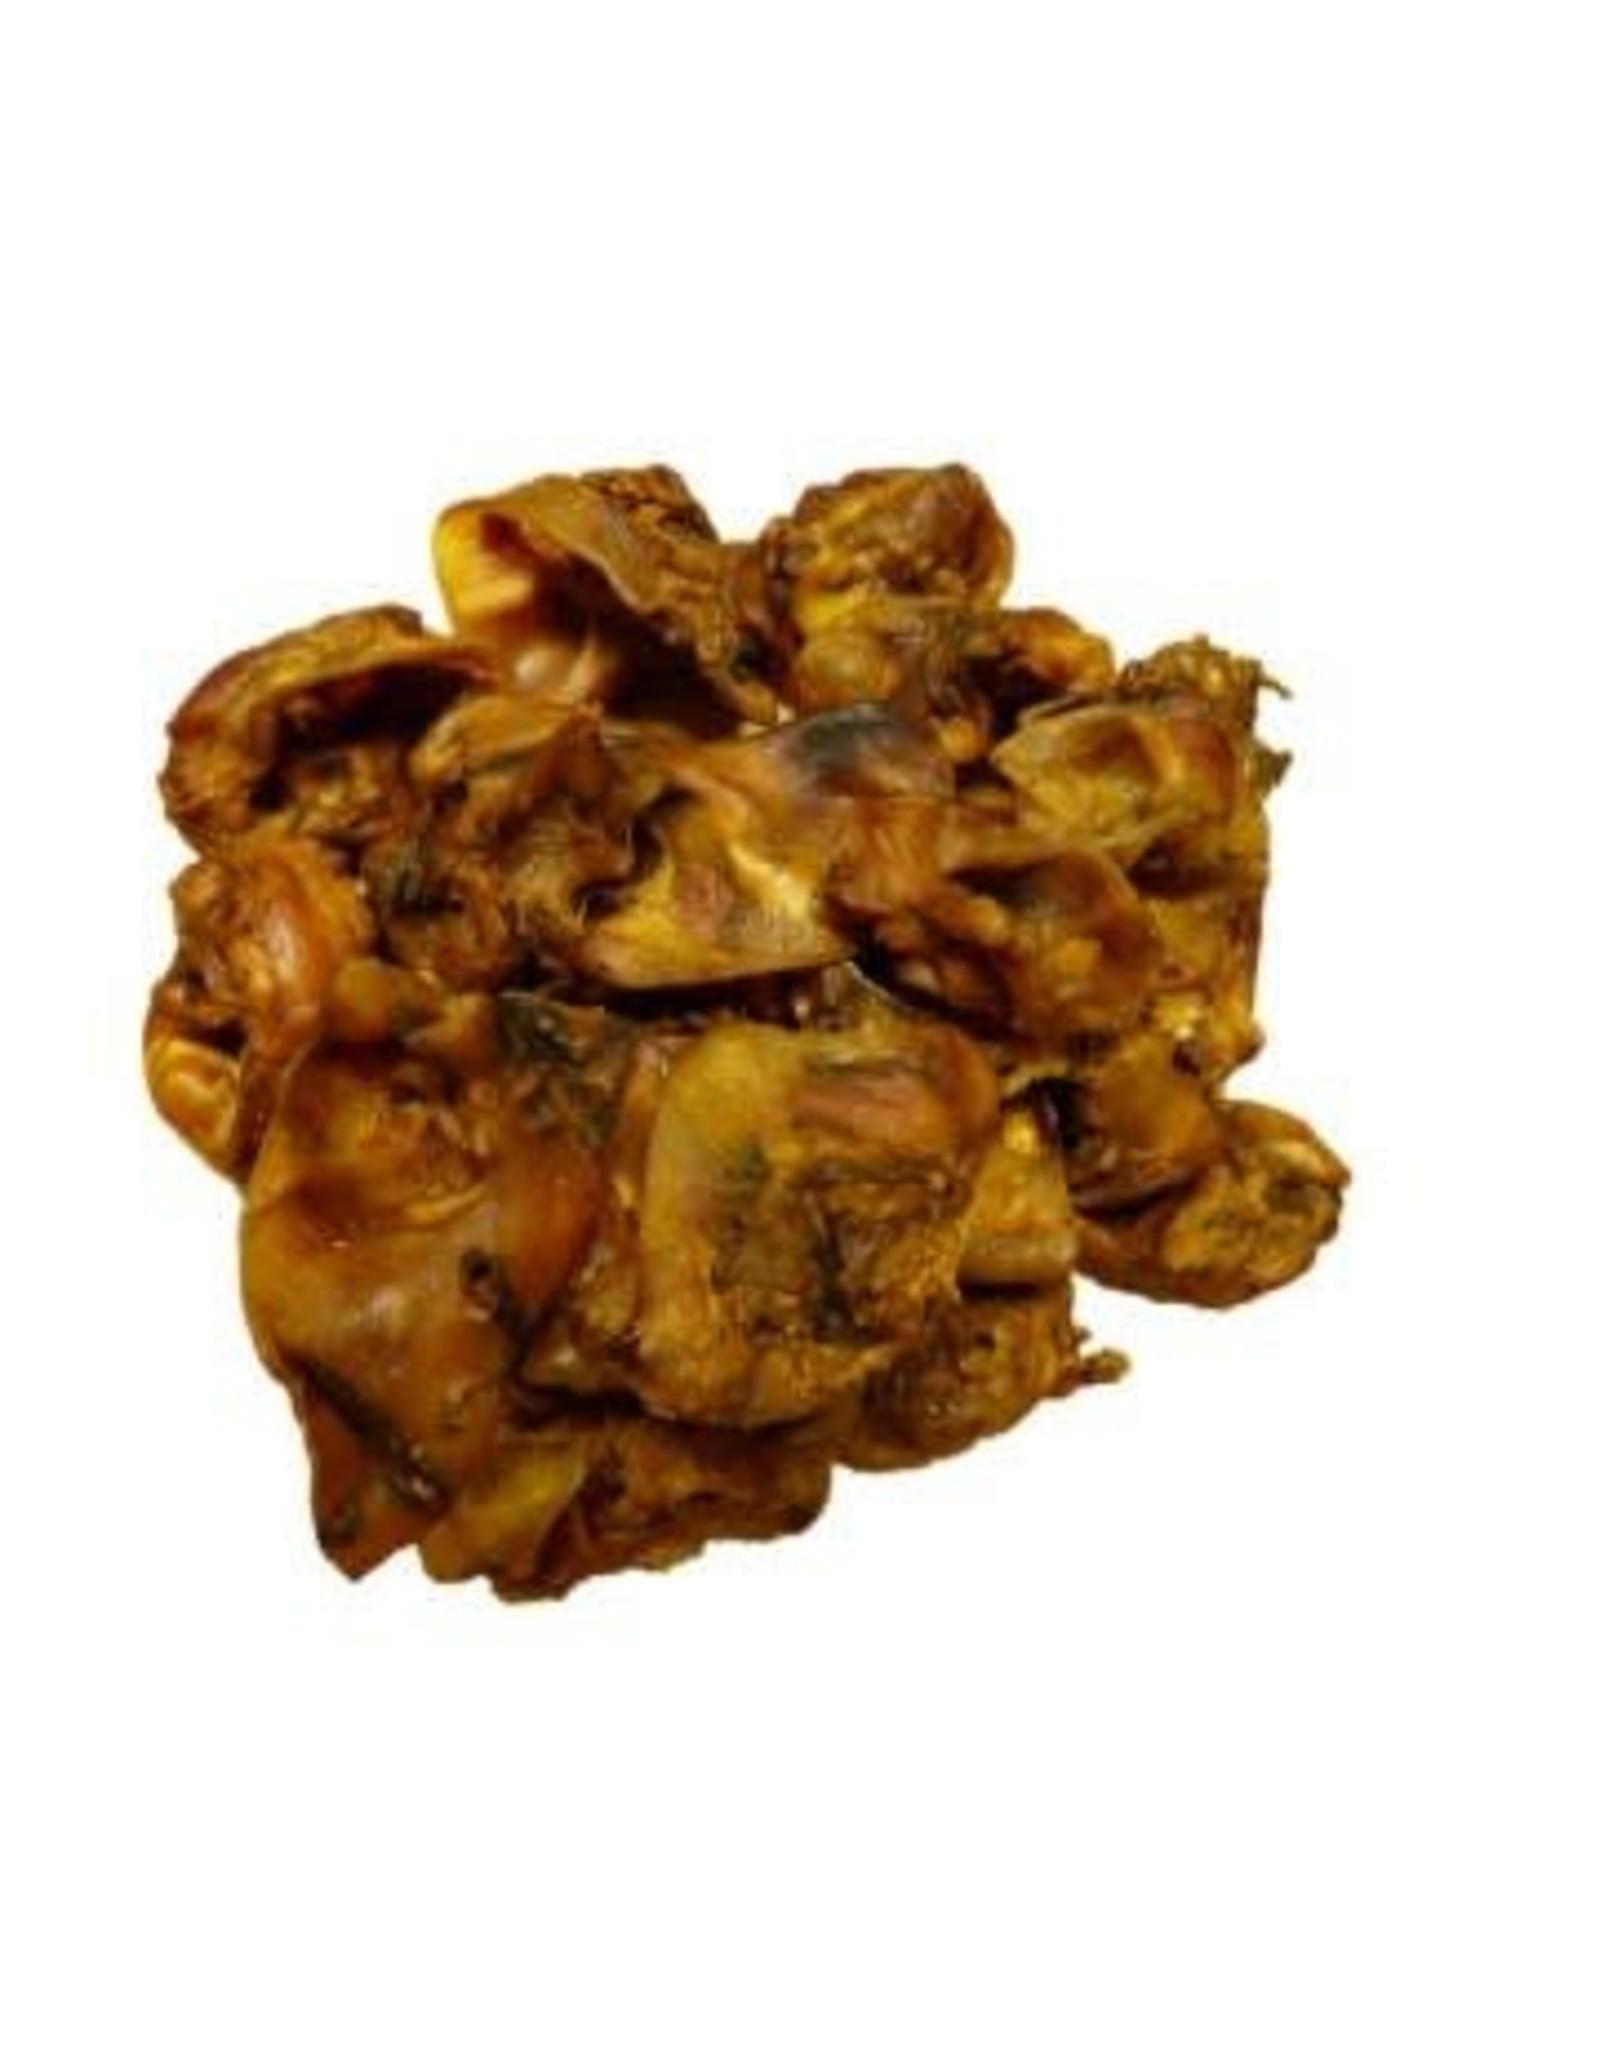 Anco Naturally Better Porky Bites Dog Treats, 250g